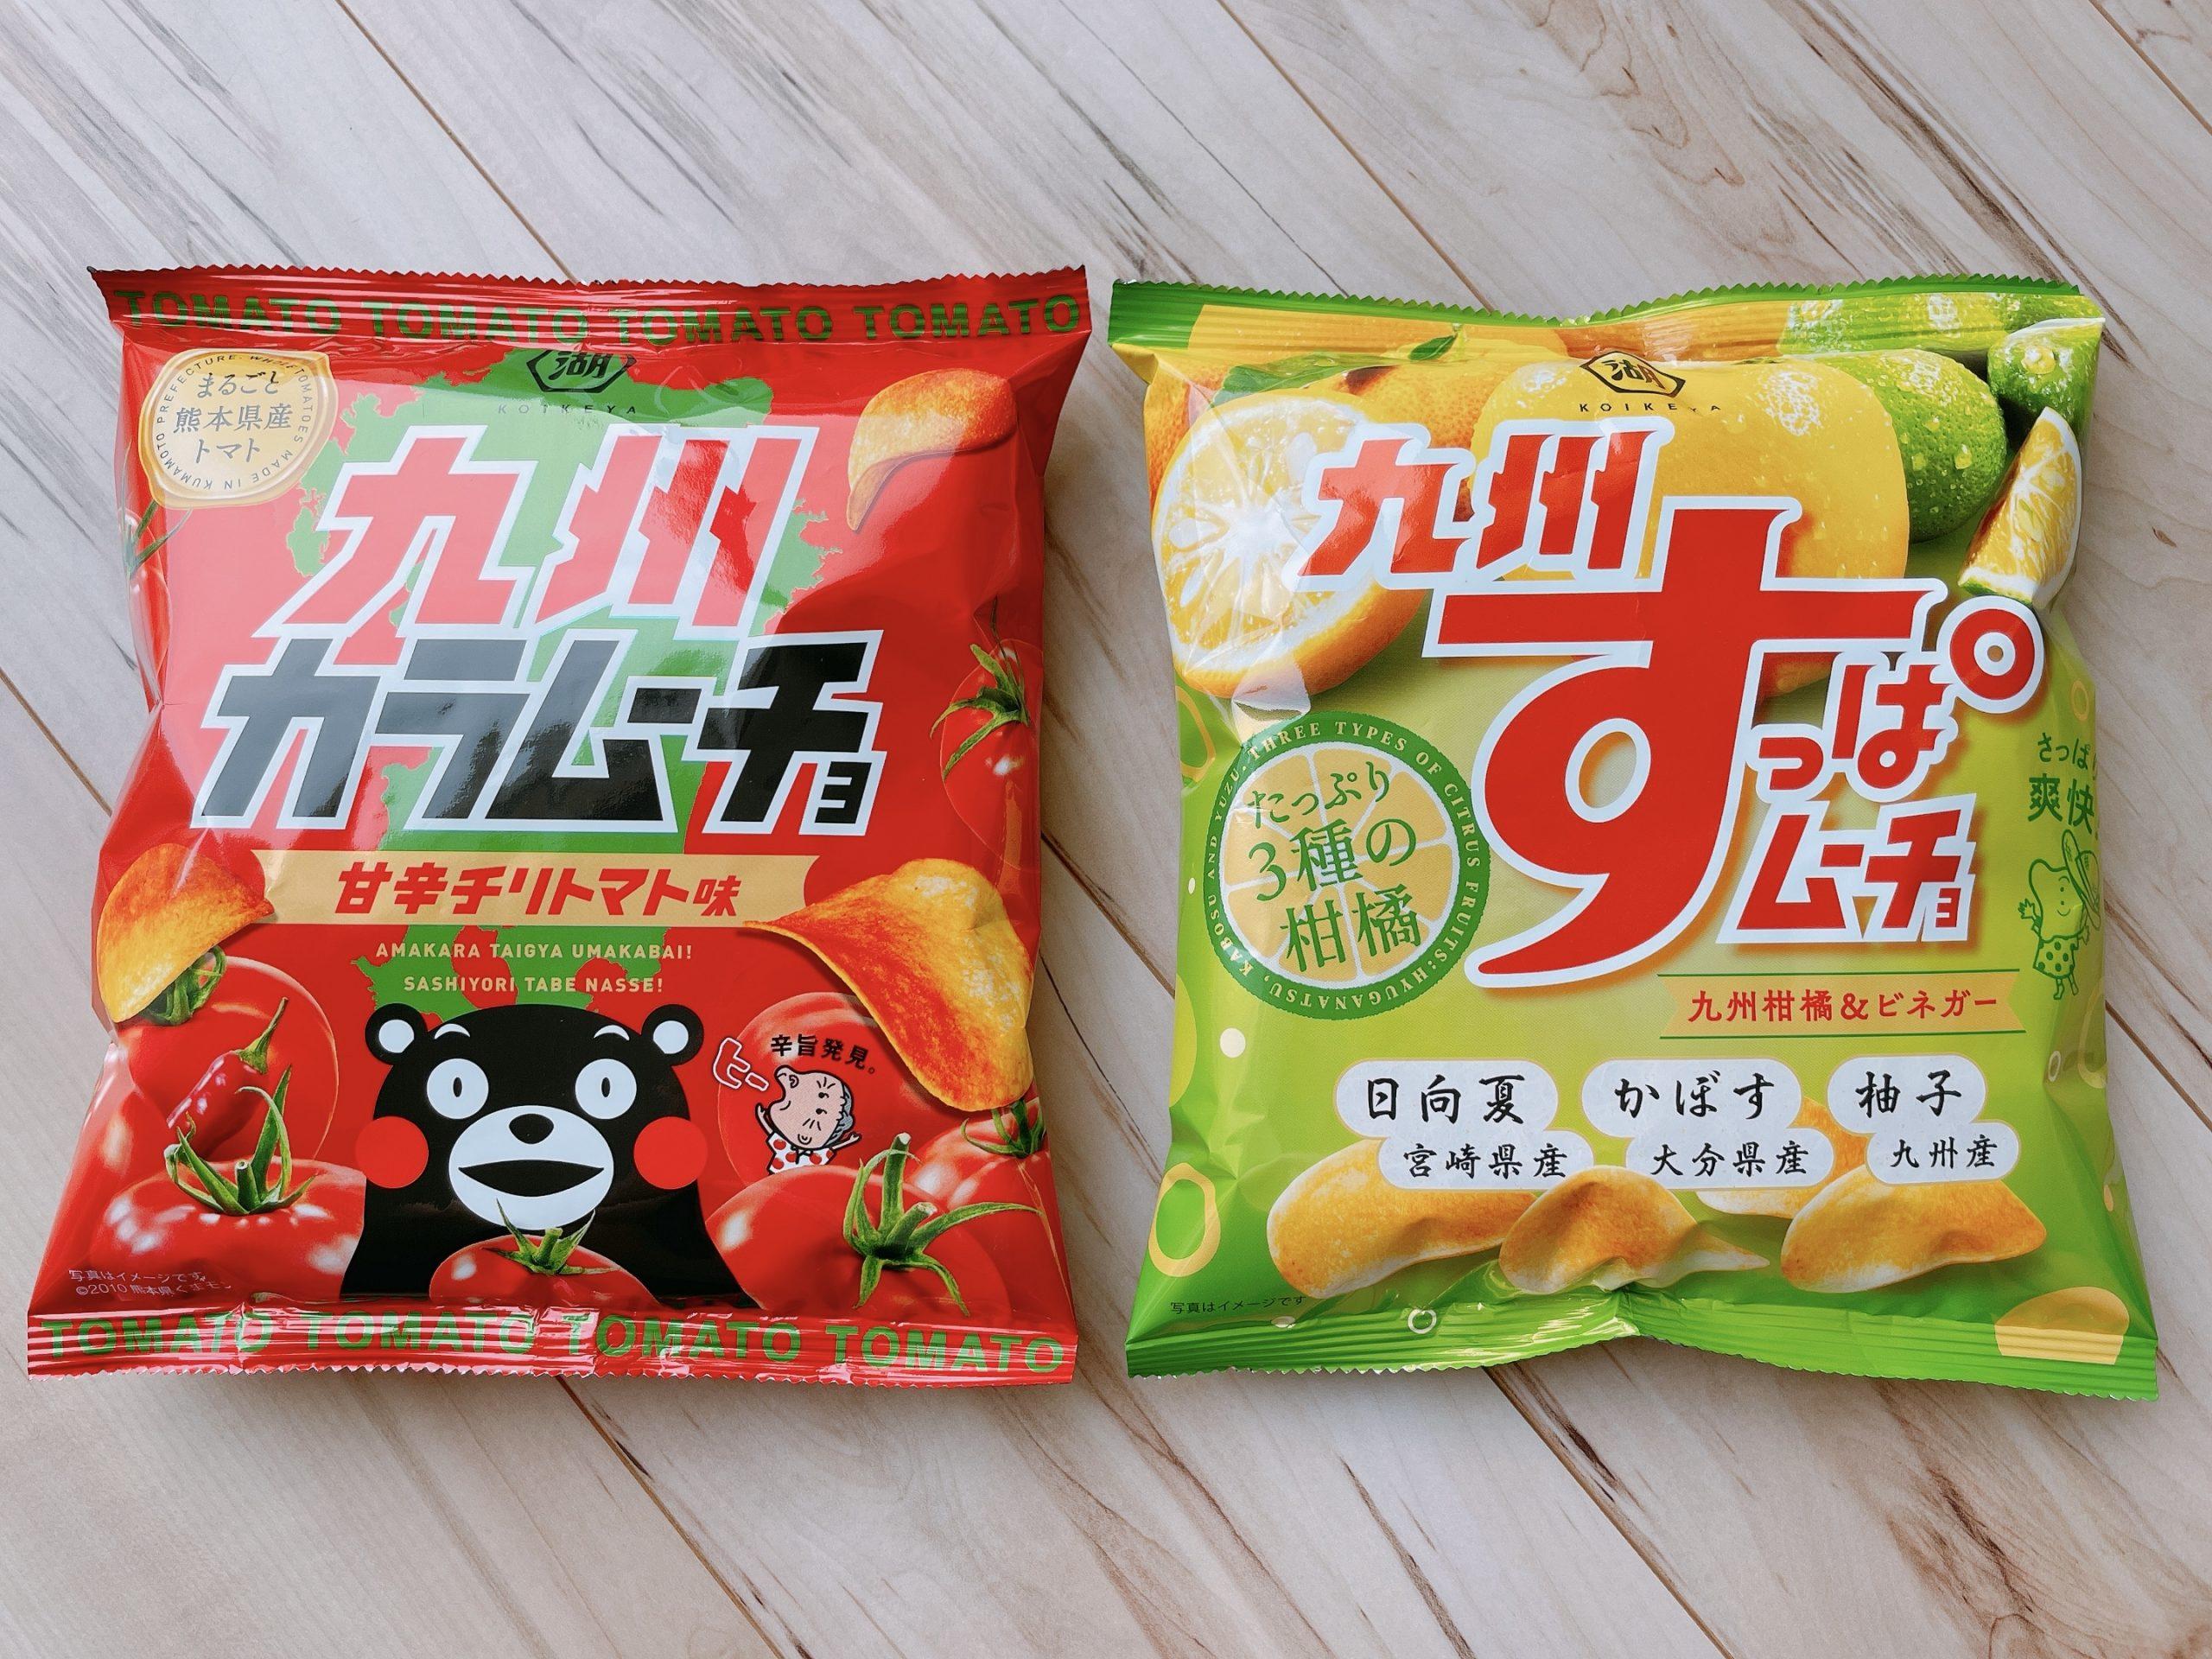 九州すっぱムーチョ<九州柑橘&ビネガー>と九州カラムーチョ<甘辛チリトマト>パッケージ